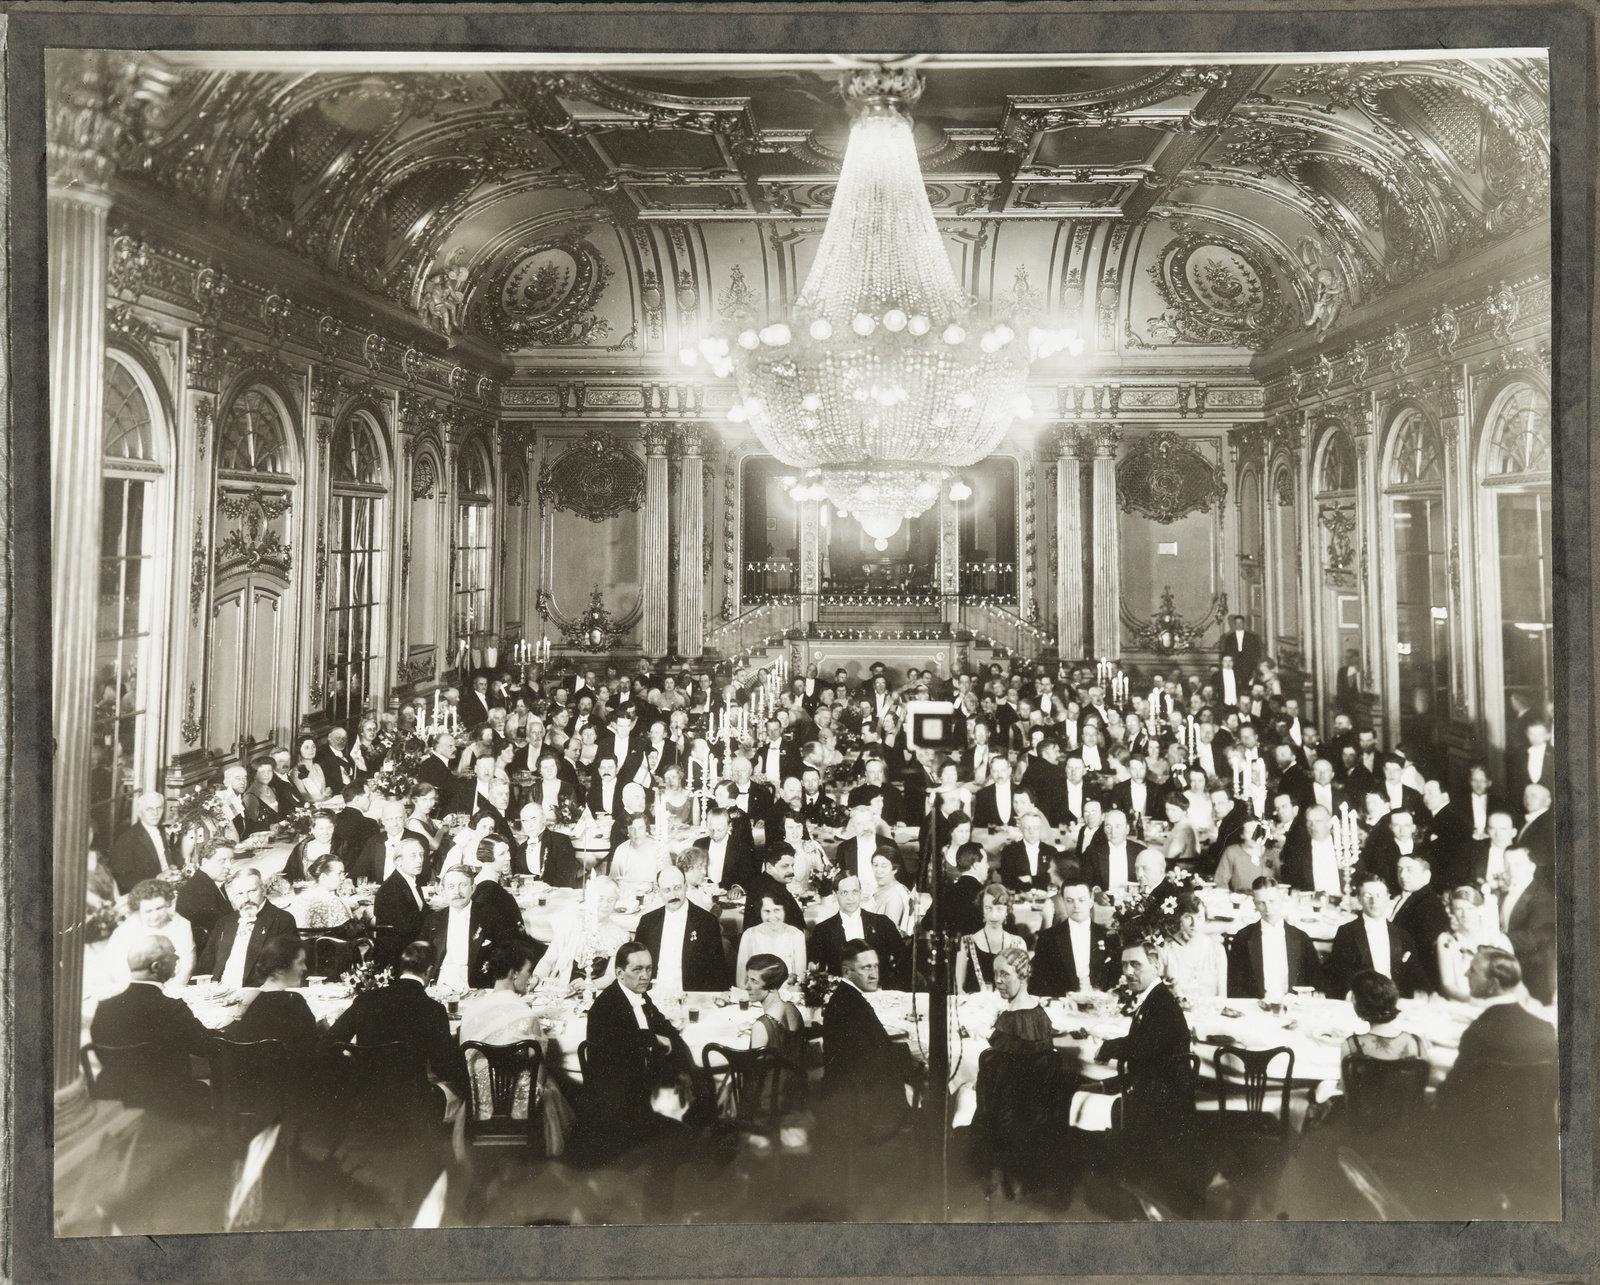 A festive dinner, 1910s, , Hallwylska museet, Public Domain Mark